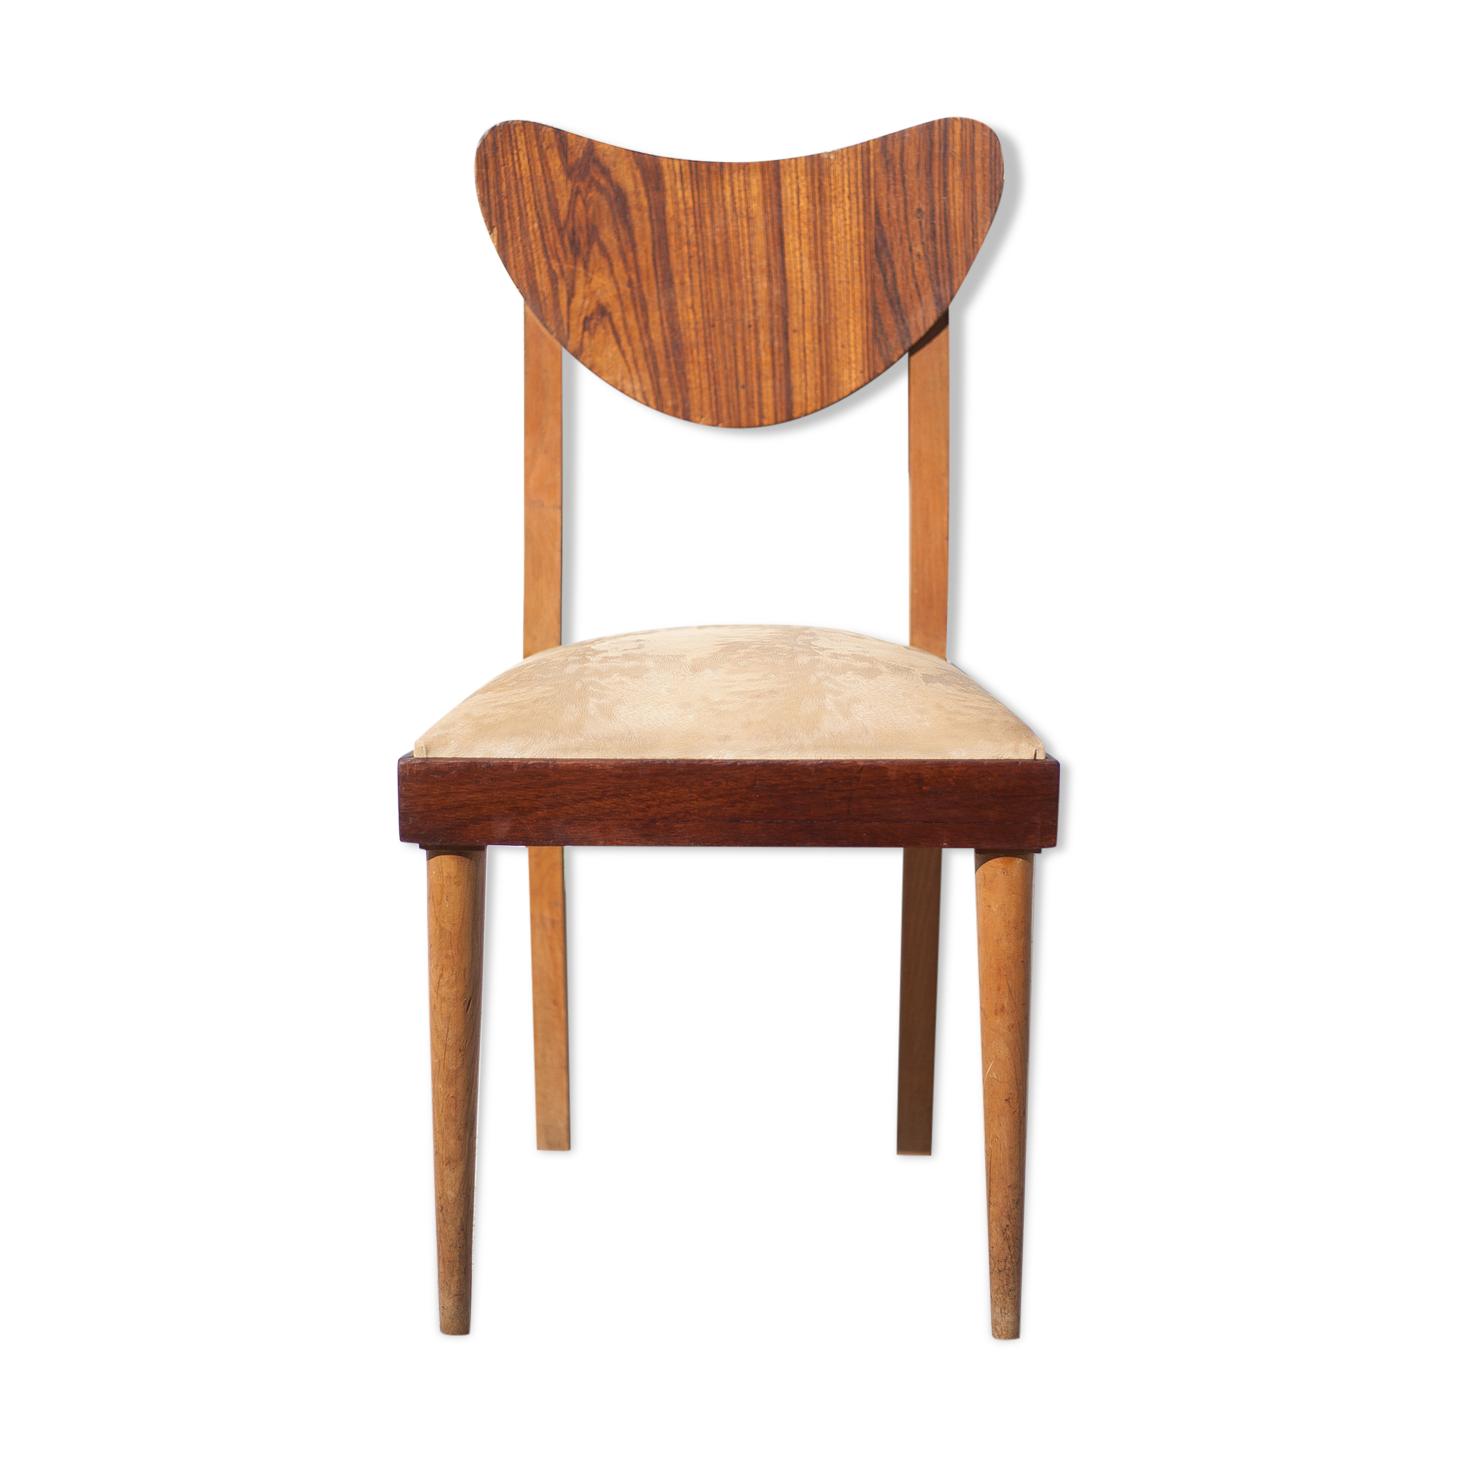 Chaise bois avec assise skaï vintage, chaise d'appoint, chaise vintage, décoration intérieur, chair